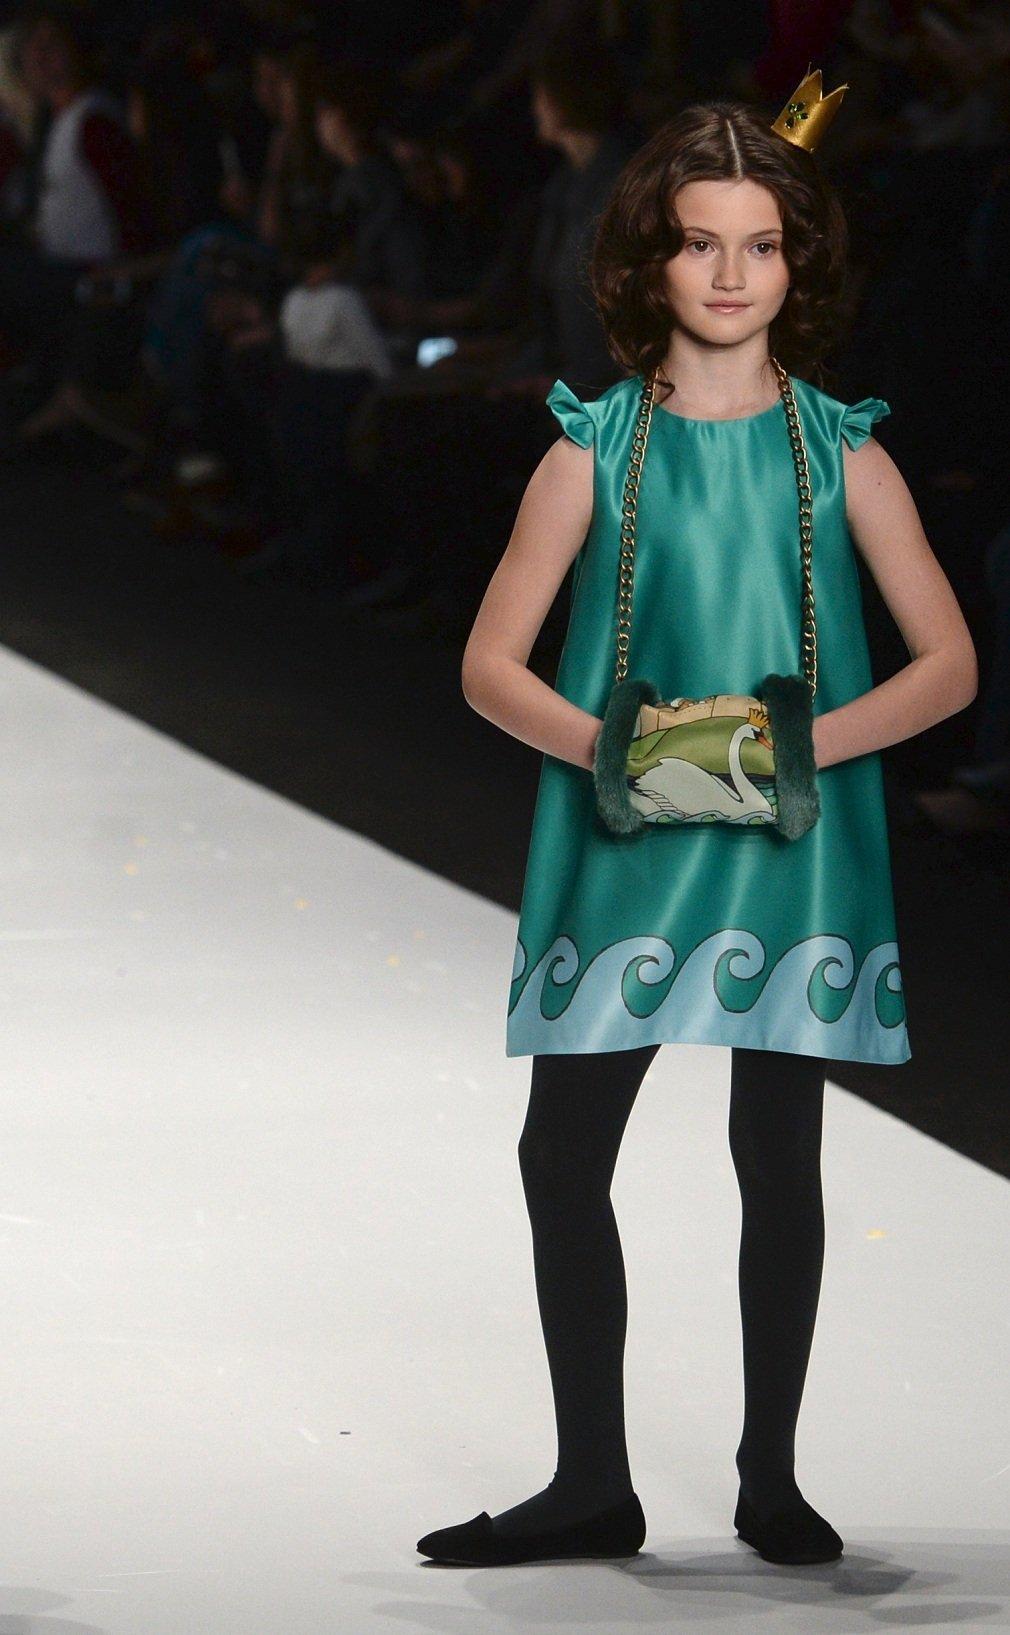 Показ коллекции дизайнерской детской одежды Маргариты Быковской